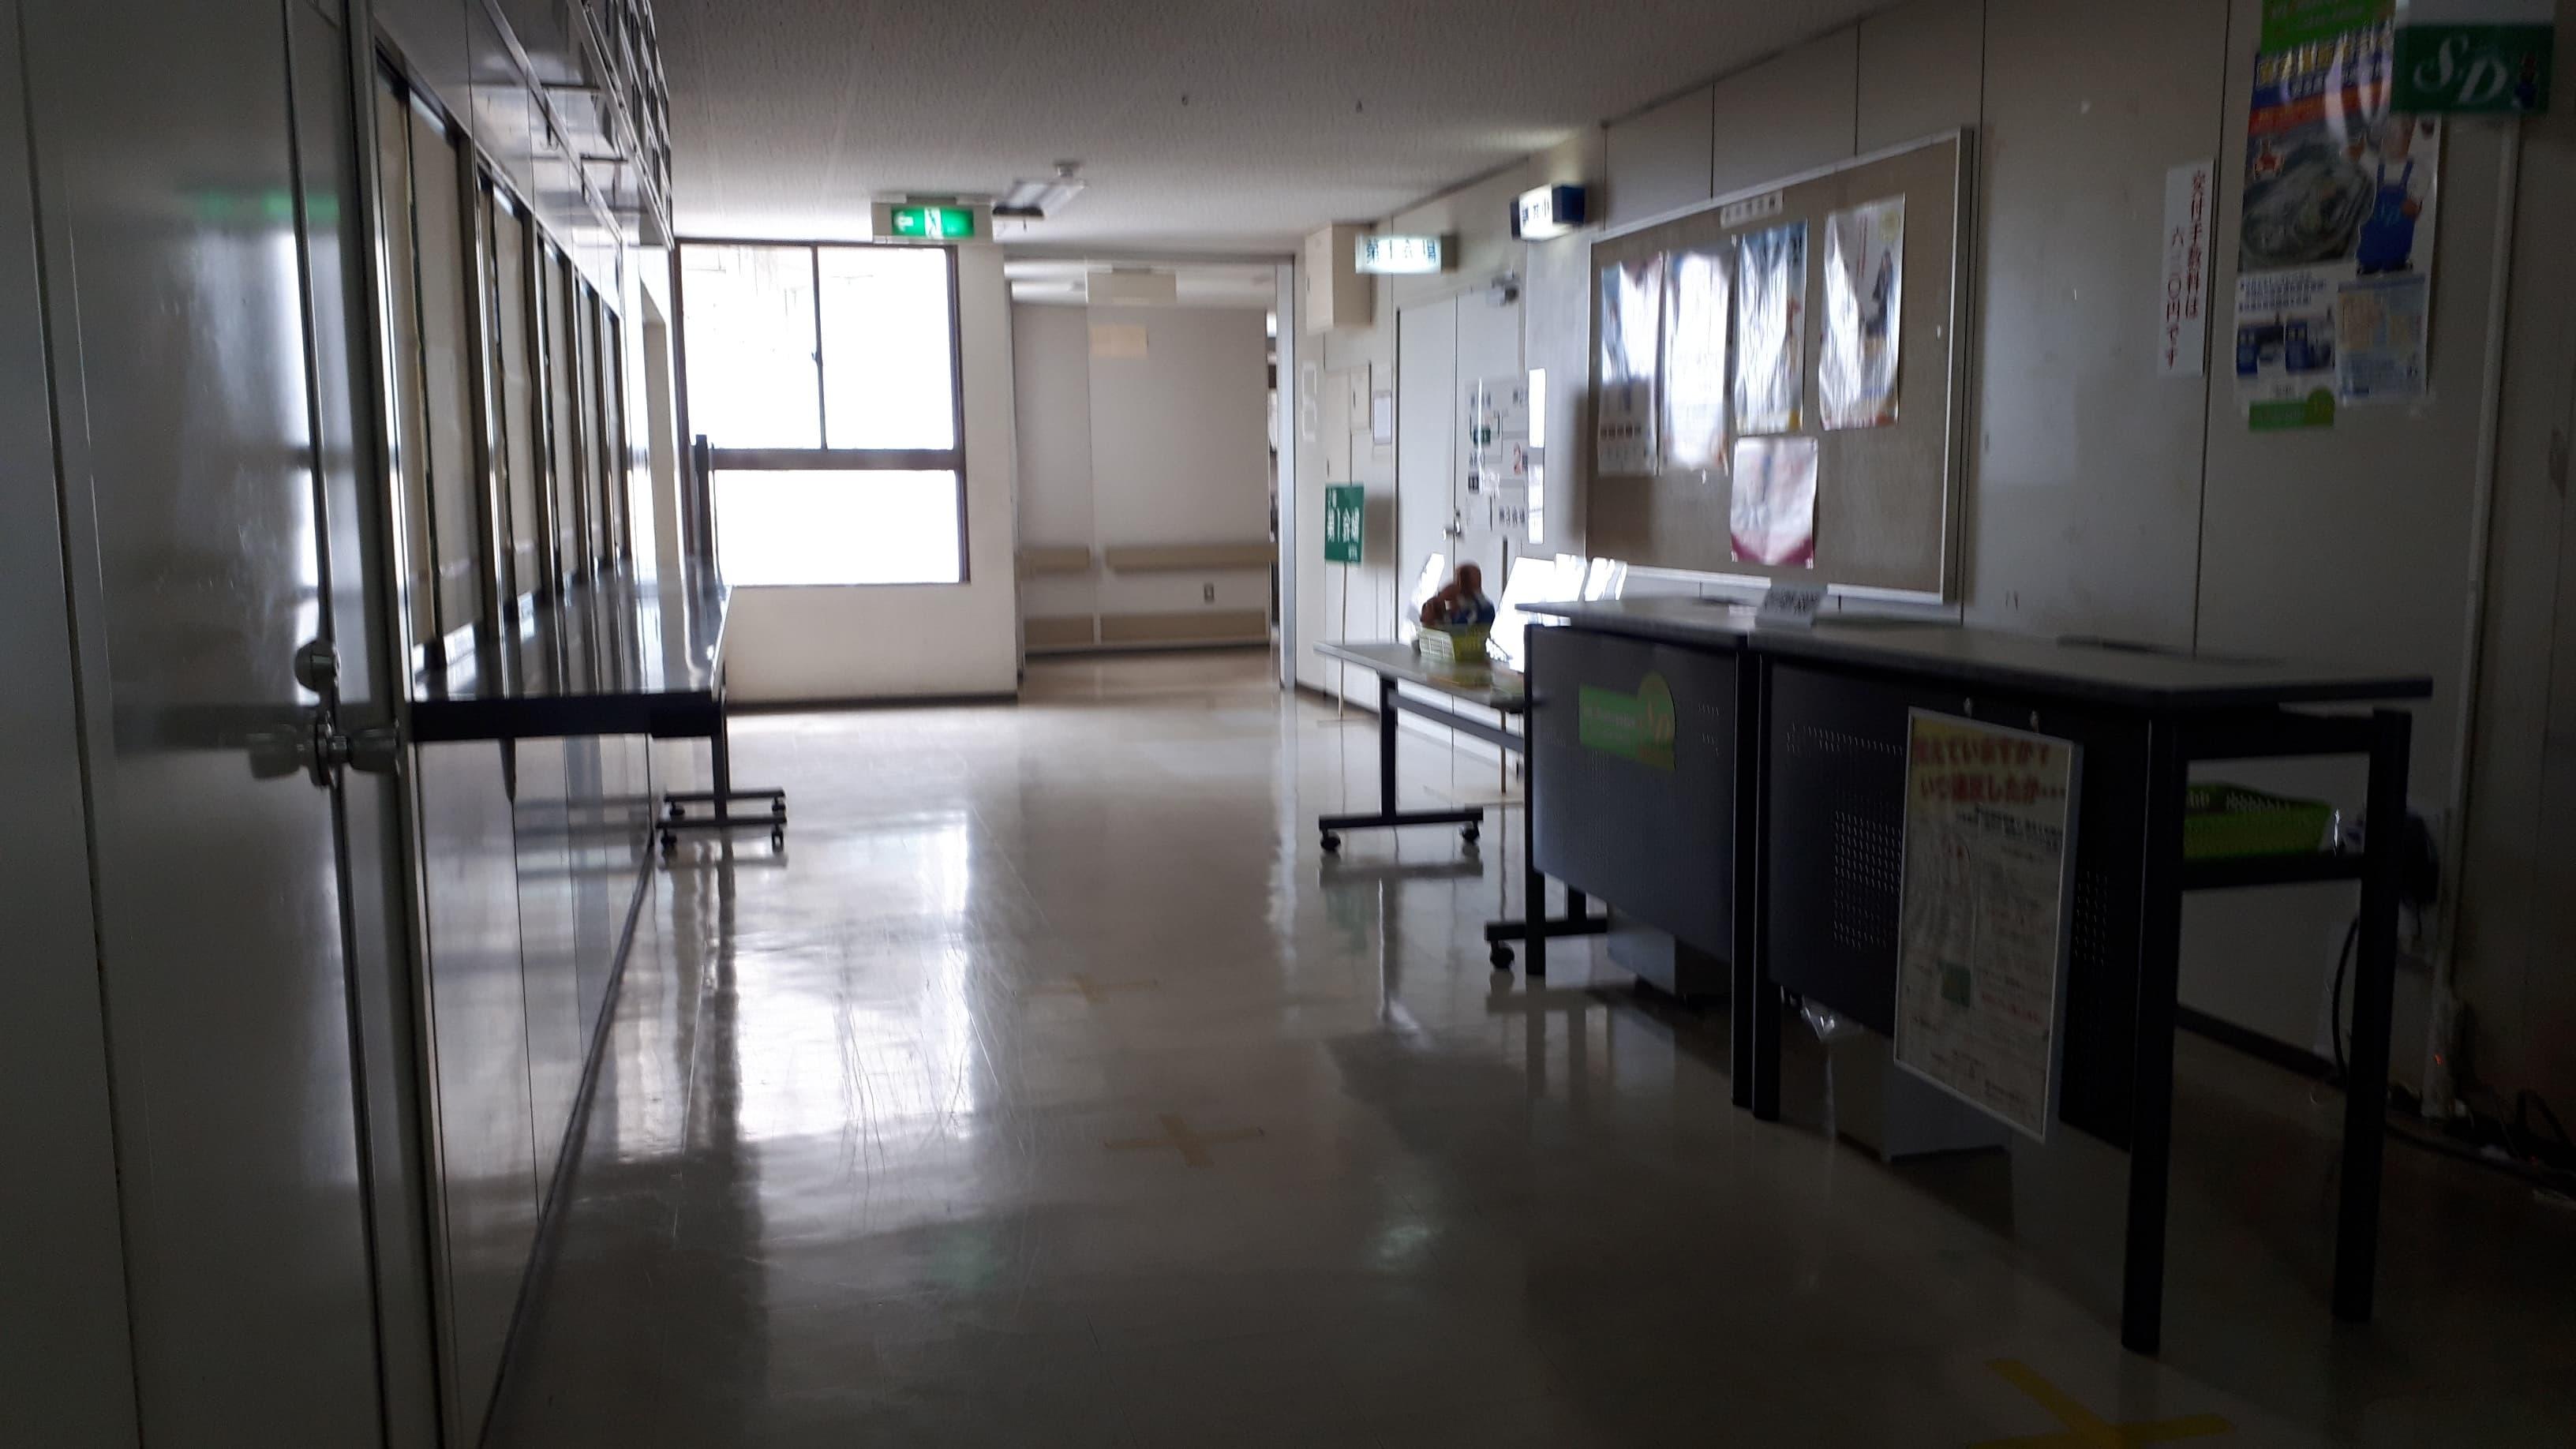 メガネサロン栄光 深視力検査の練習ができる もし検査に落ちたら・・・・京都のタクシードライバーの皆様!_d0106134_22410696.jpg